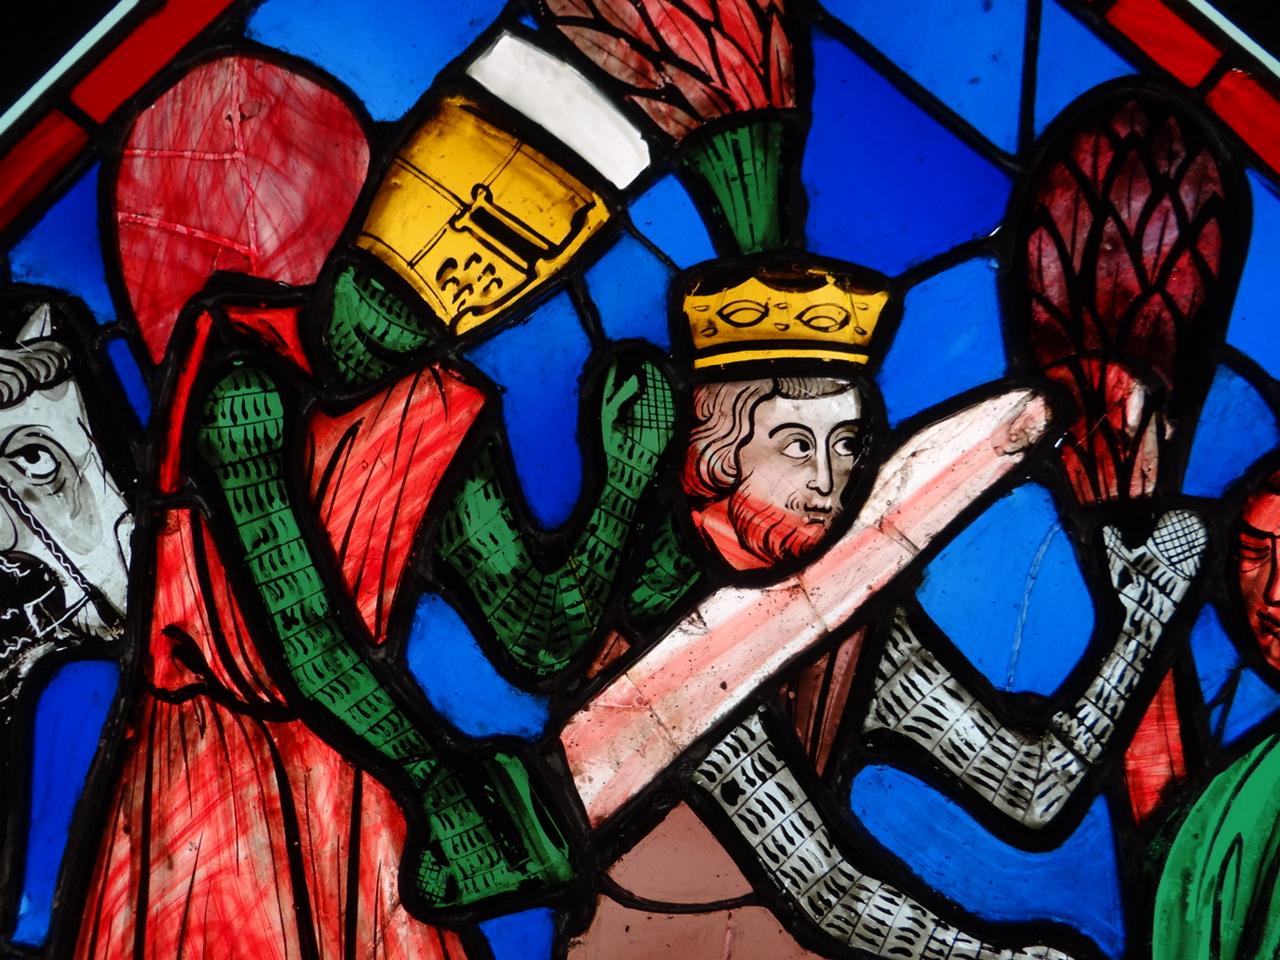 La muerte de Pedro II de Aragón AnCt6ZJyCoM